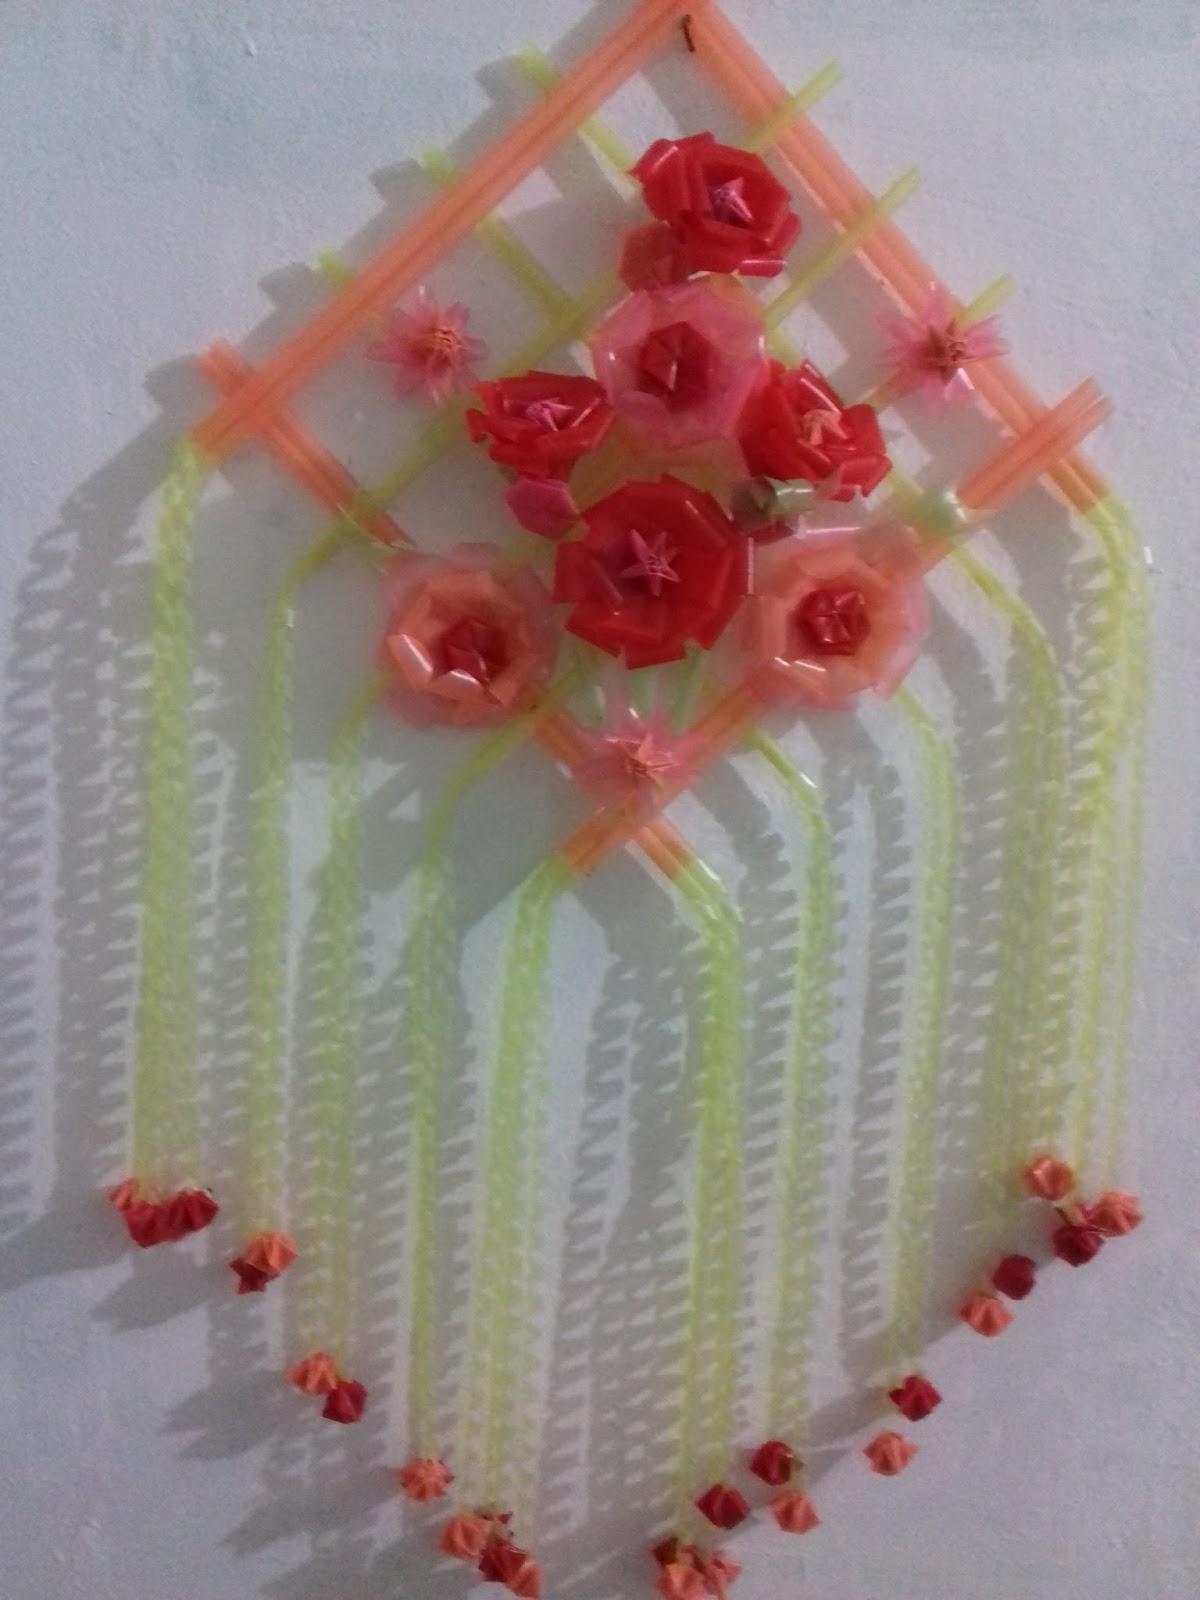 Alat Yang Digunakan Dalam Membuat Bunga Dari Sedotan Ialah Berbagai Alat